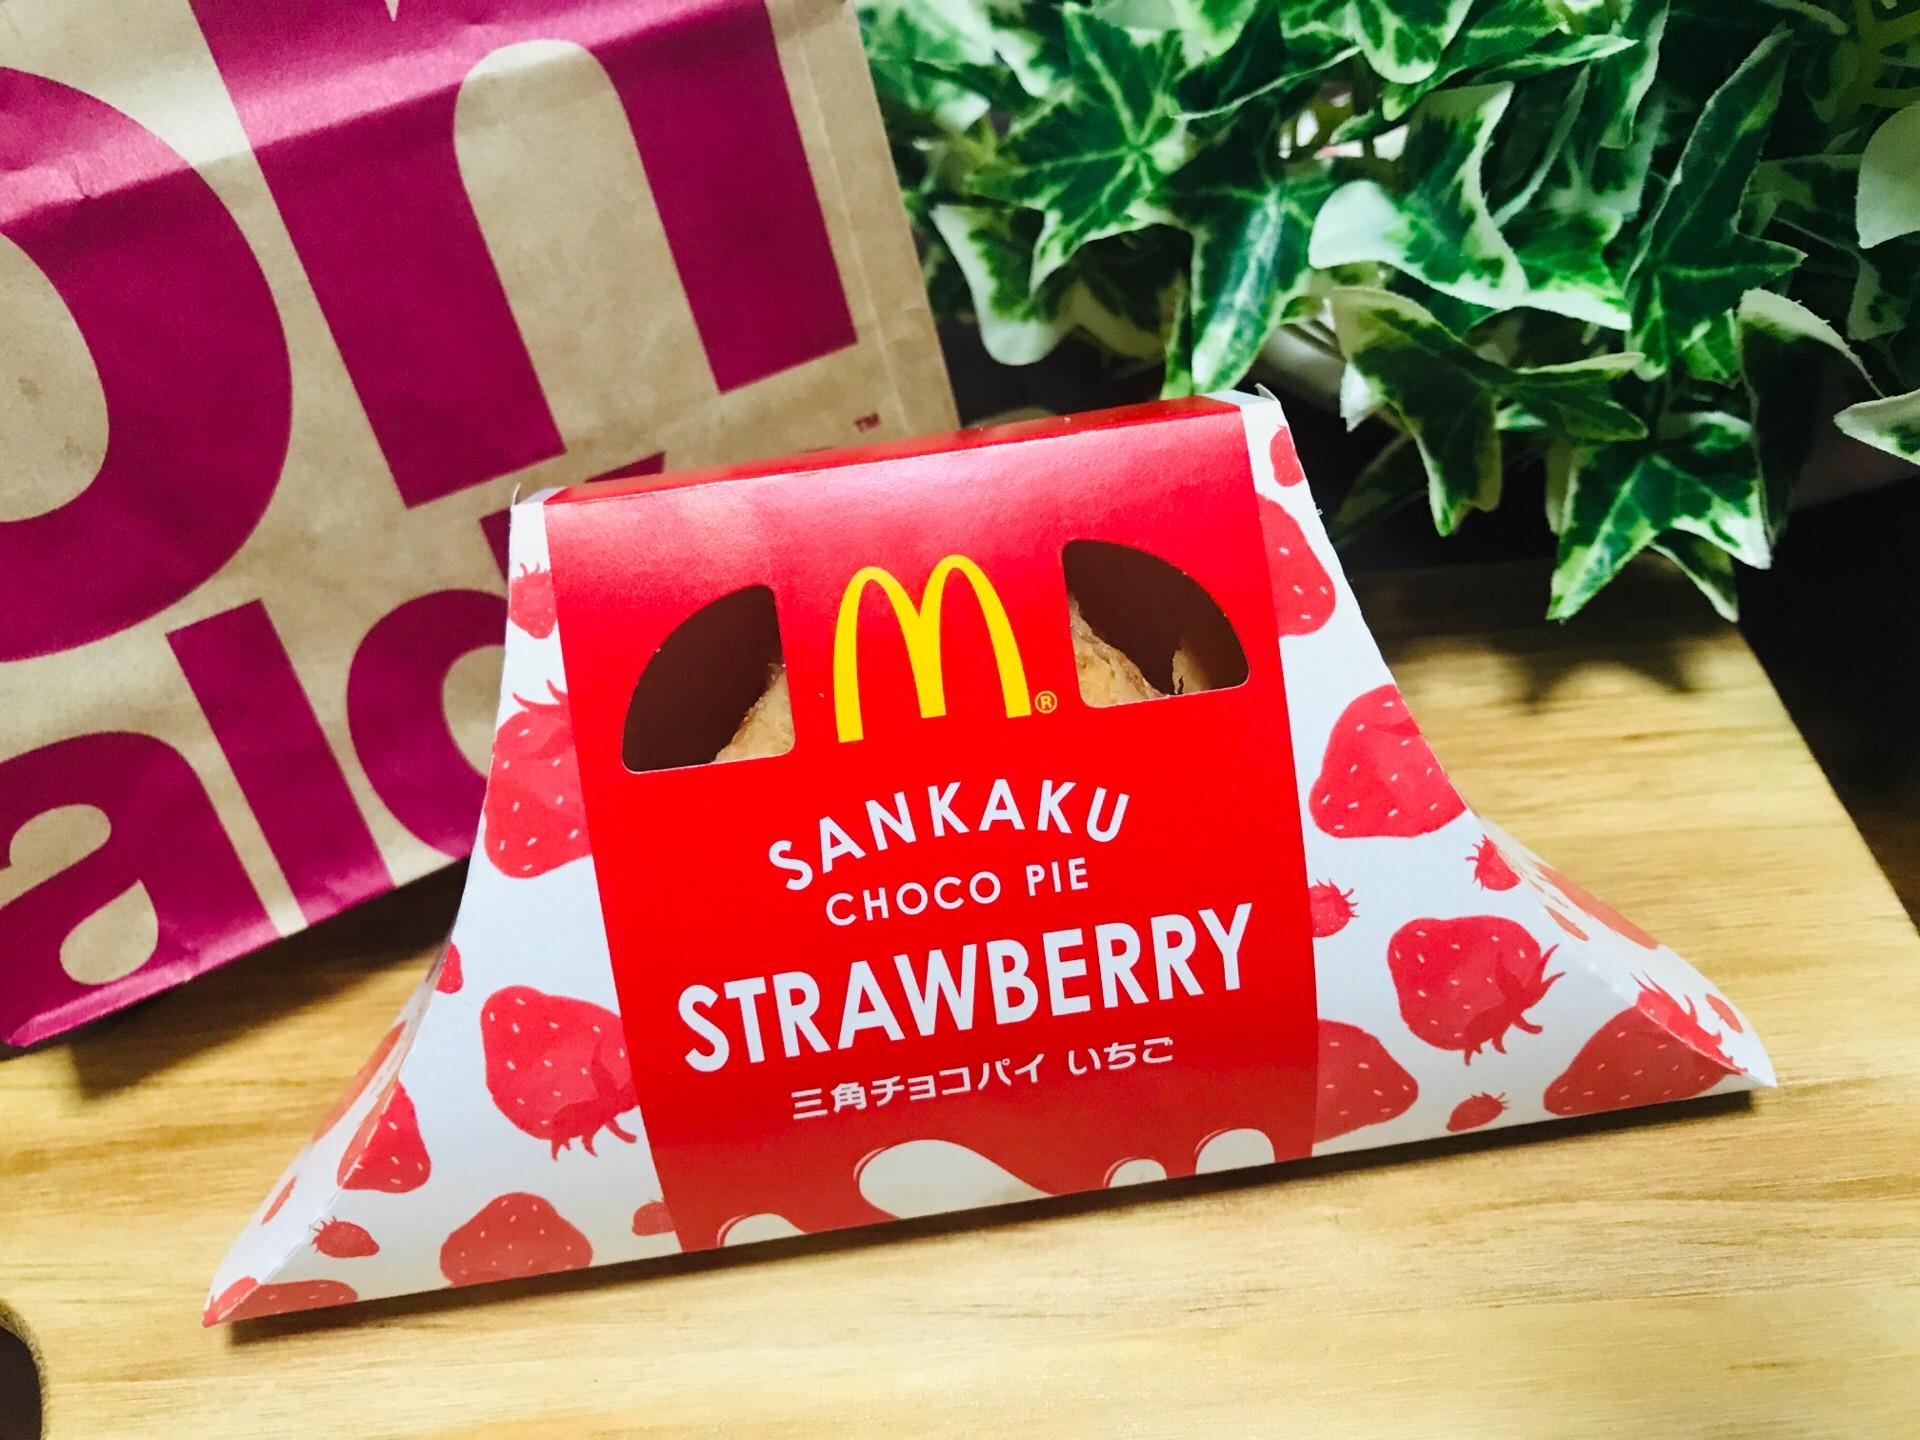 【マクドナルド】冬の定番スイーツ《三角チョコパイ》にイチゴ味が新登場♡_1